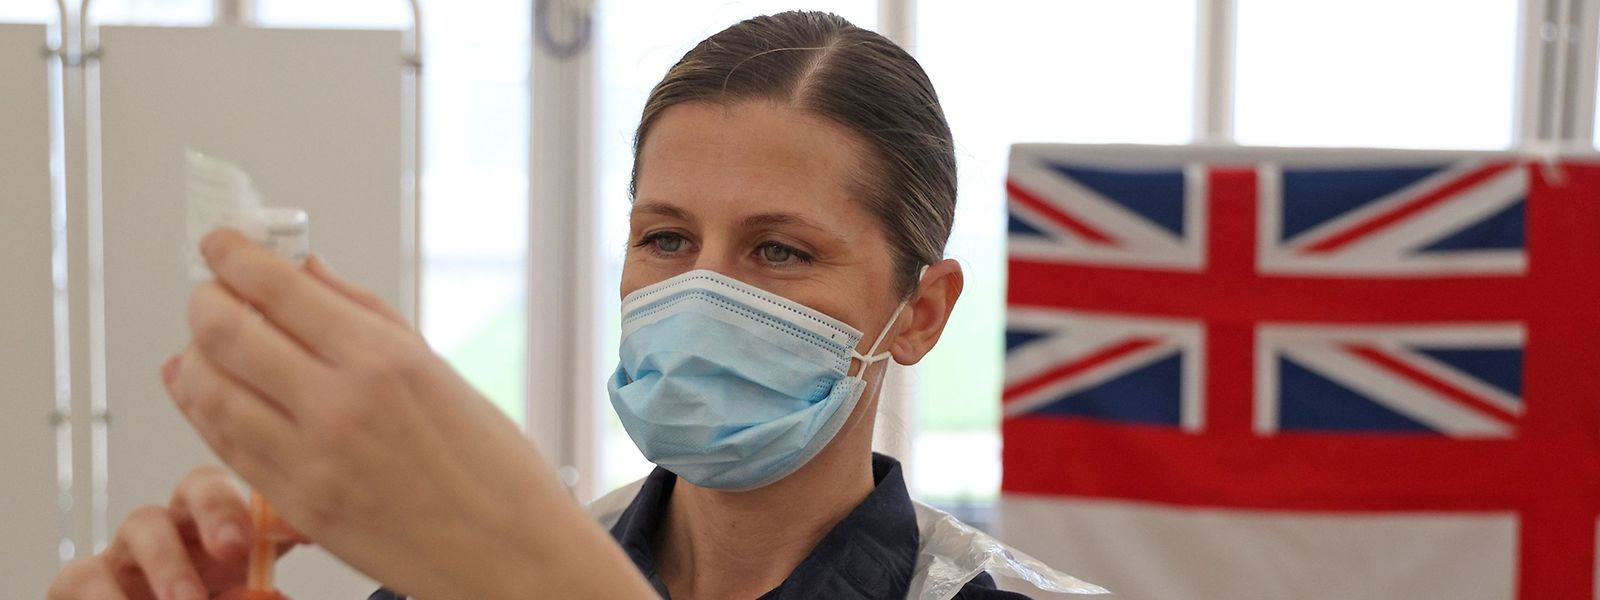 Le Royaume-Uni a été le premier pays à engager sa campagne vaccinale avec la formule développée par l'Université d'Oxford et la firme AstraZeneca.